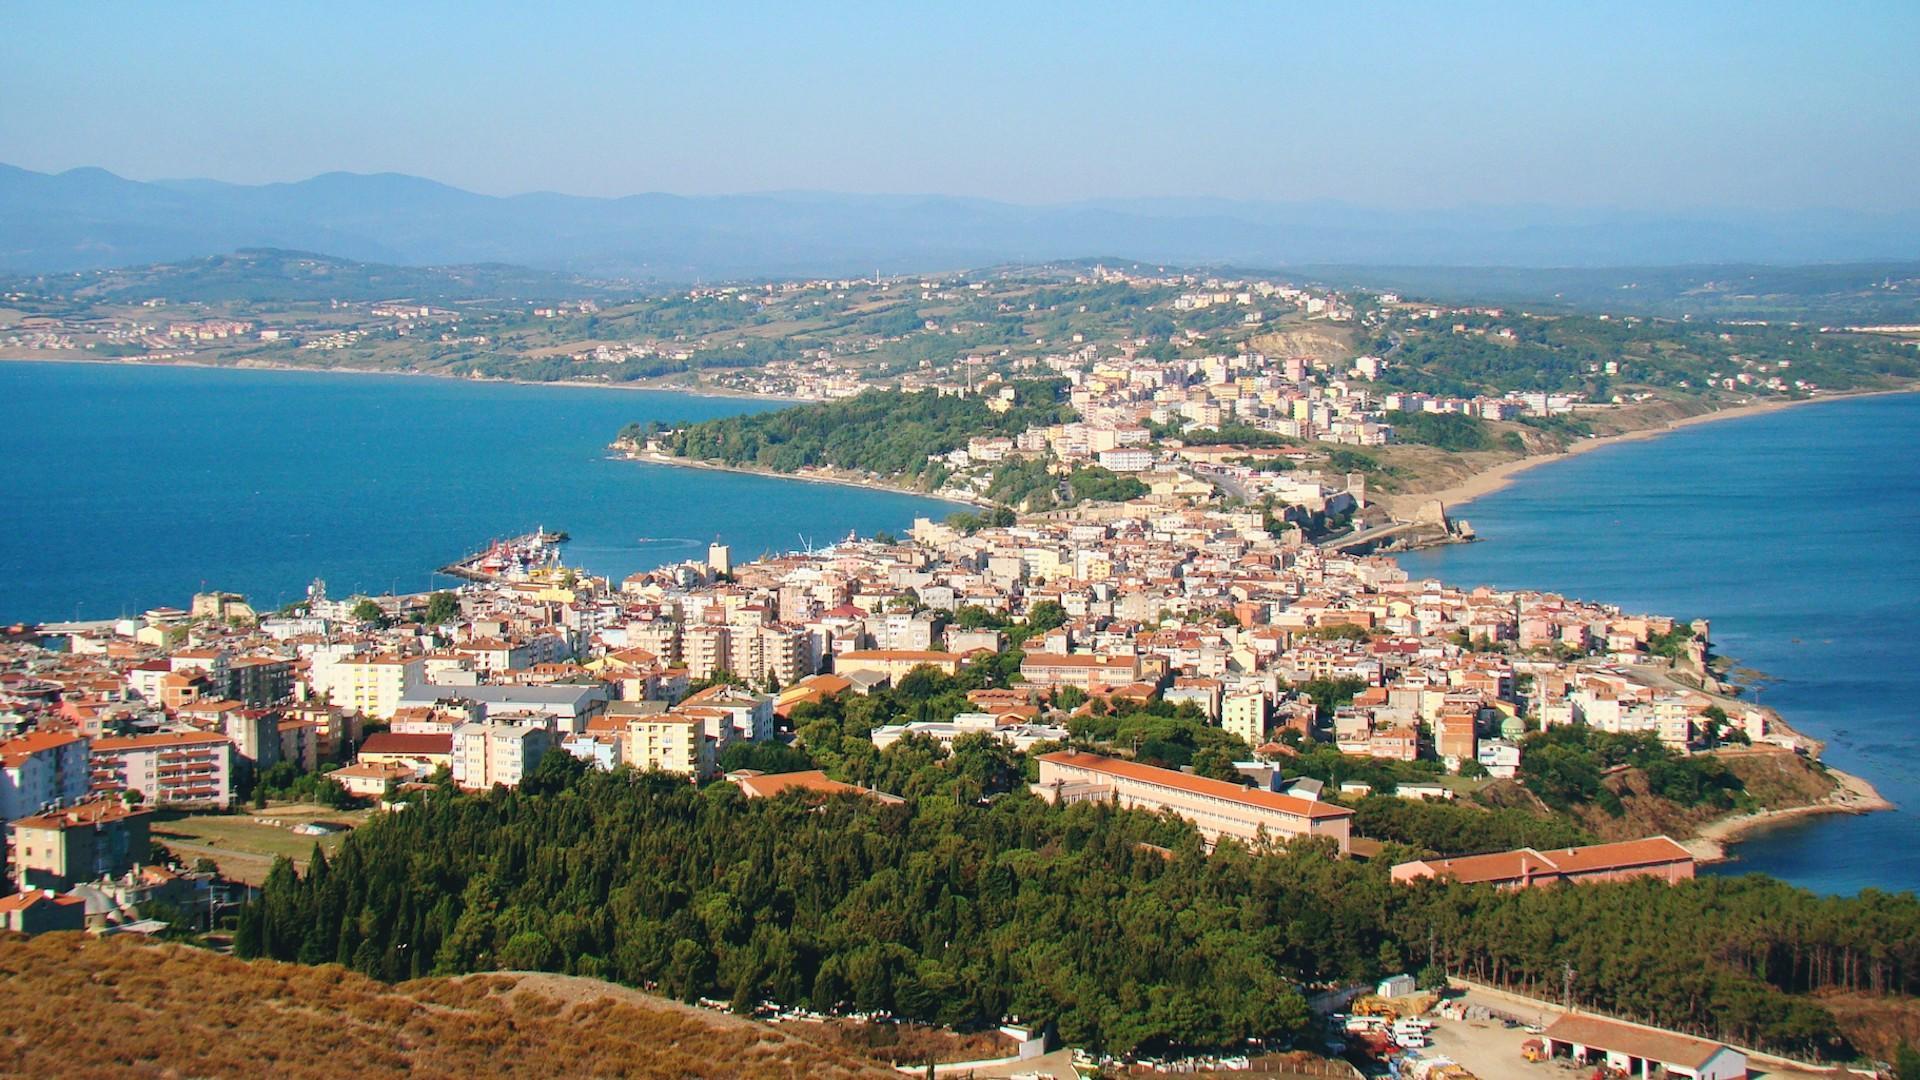 ¿Qué ciudades visitar en el norte de Turquía?